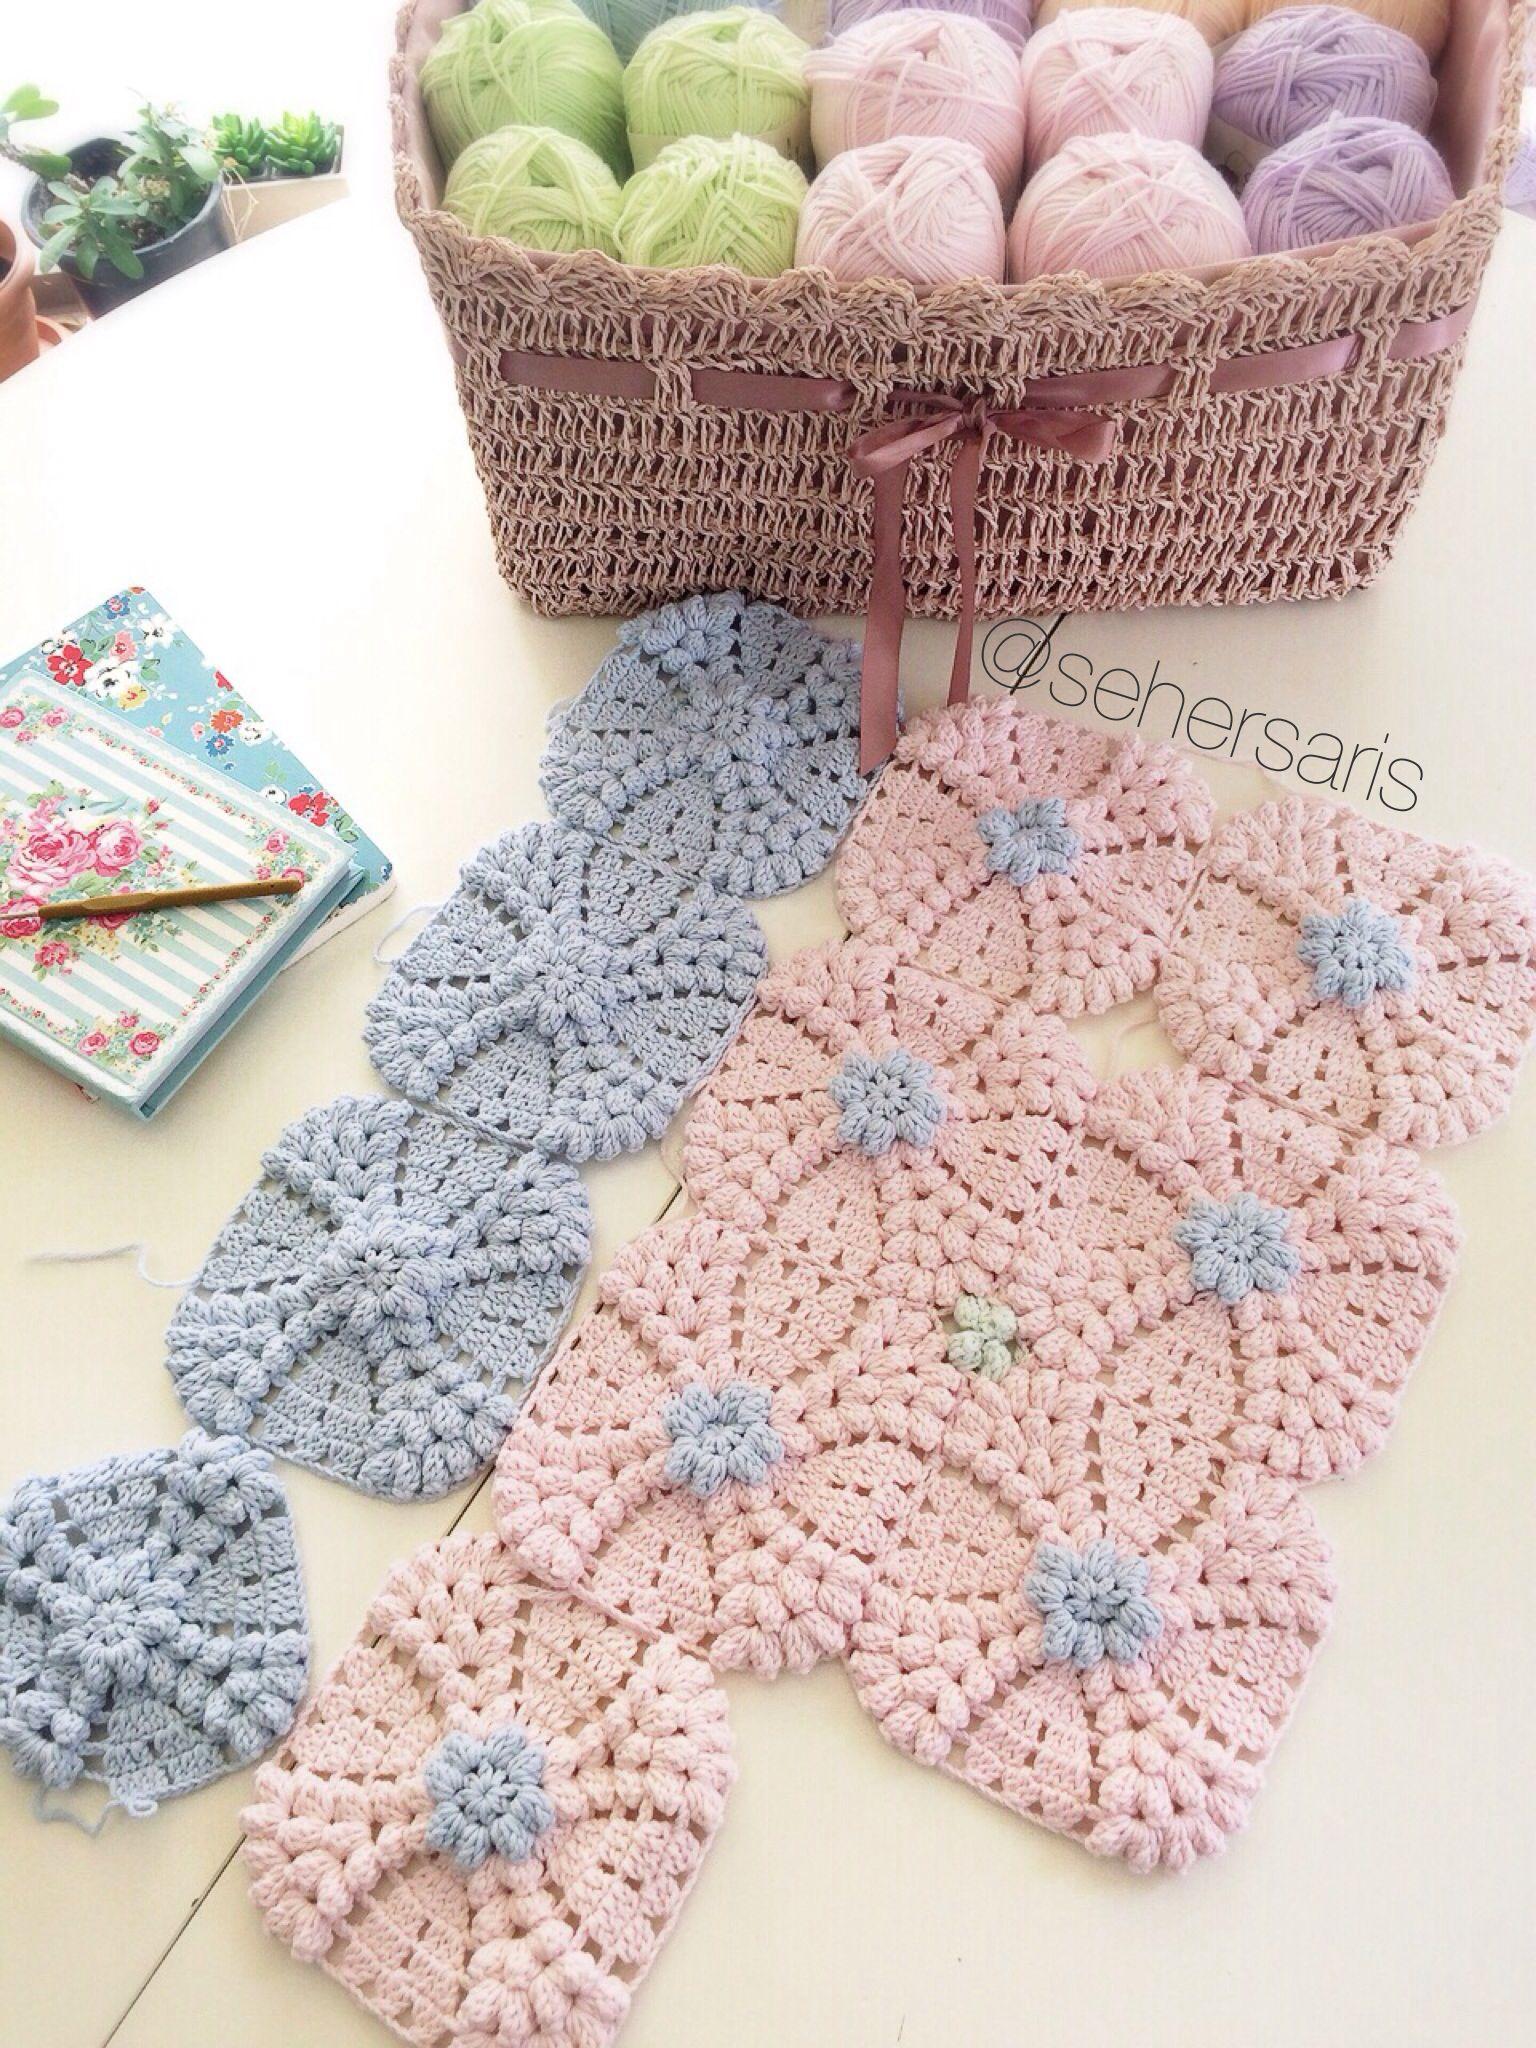 M s de 1000 im genes sobre crochet blanket en pinterest - Dibujos de ganchillo ...